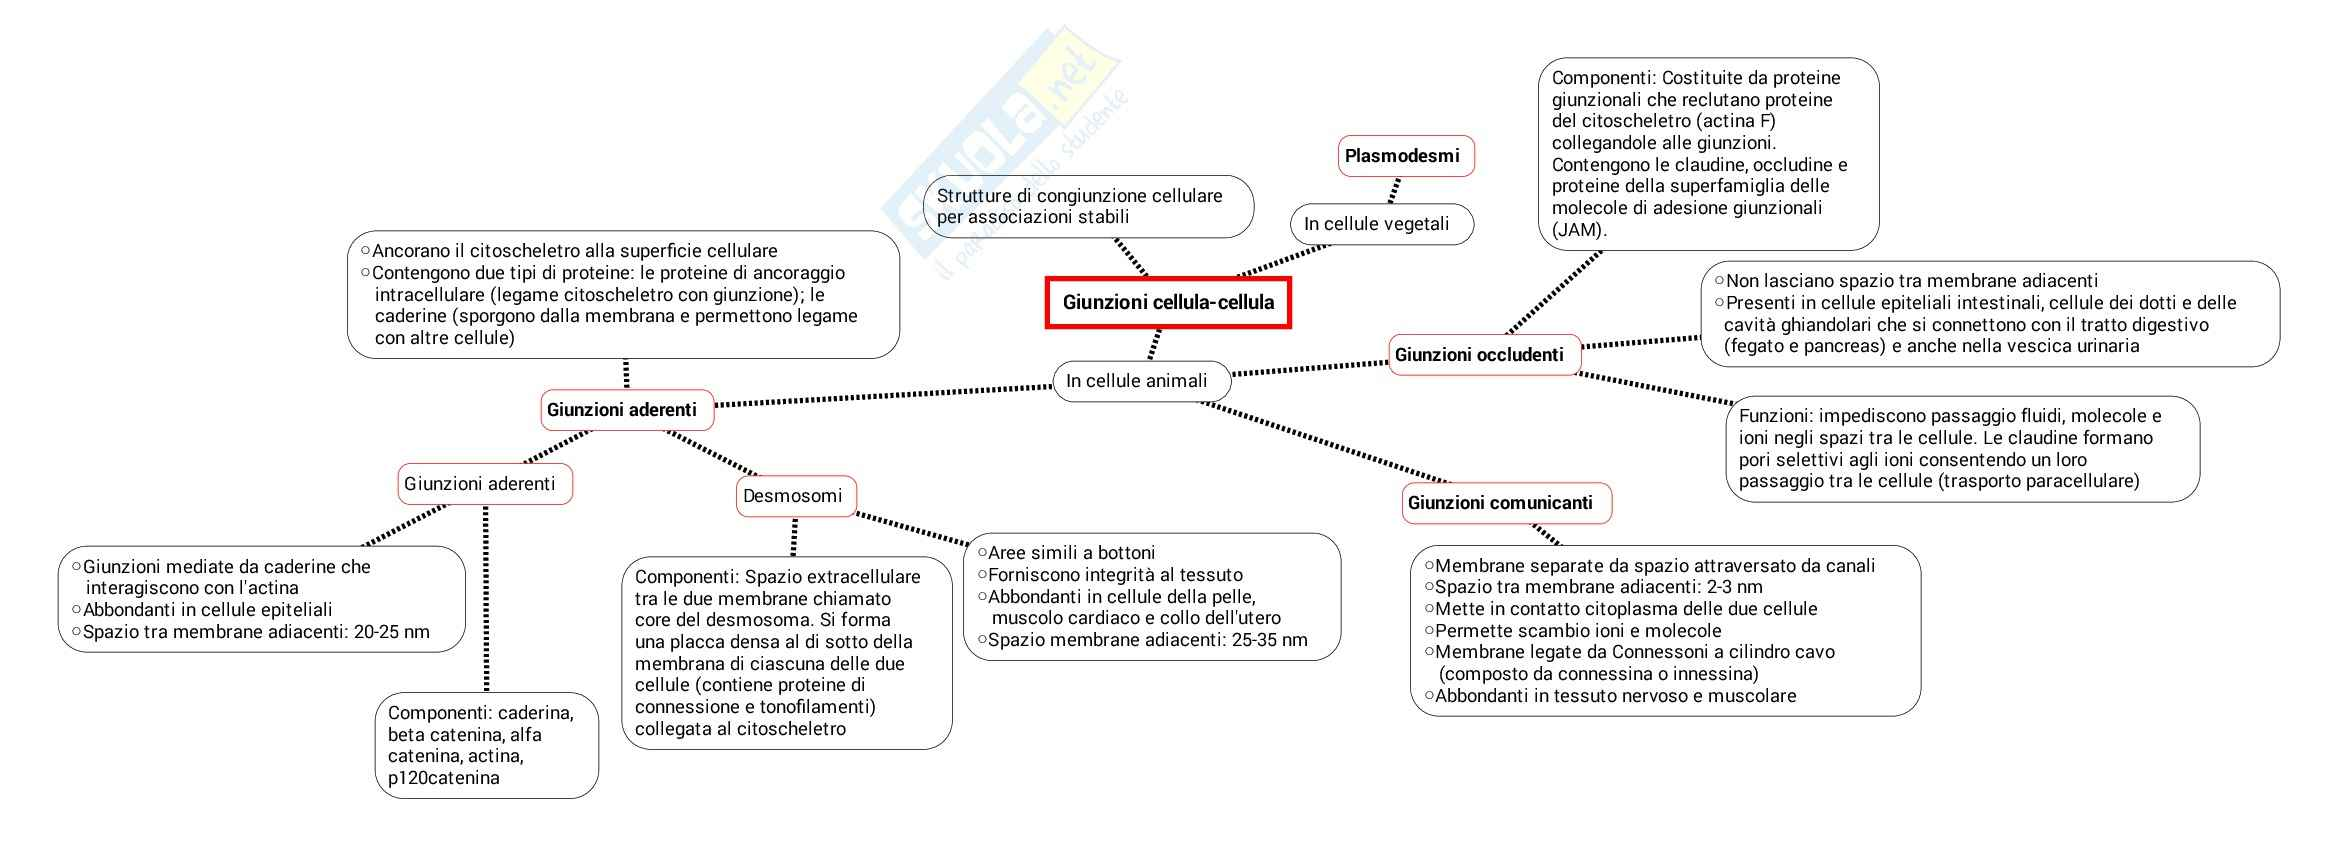 Schema su Giunzioni e matrice extracellulare